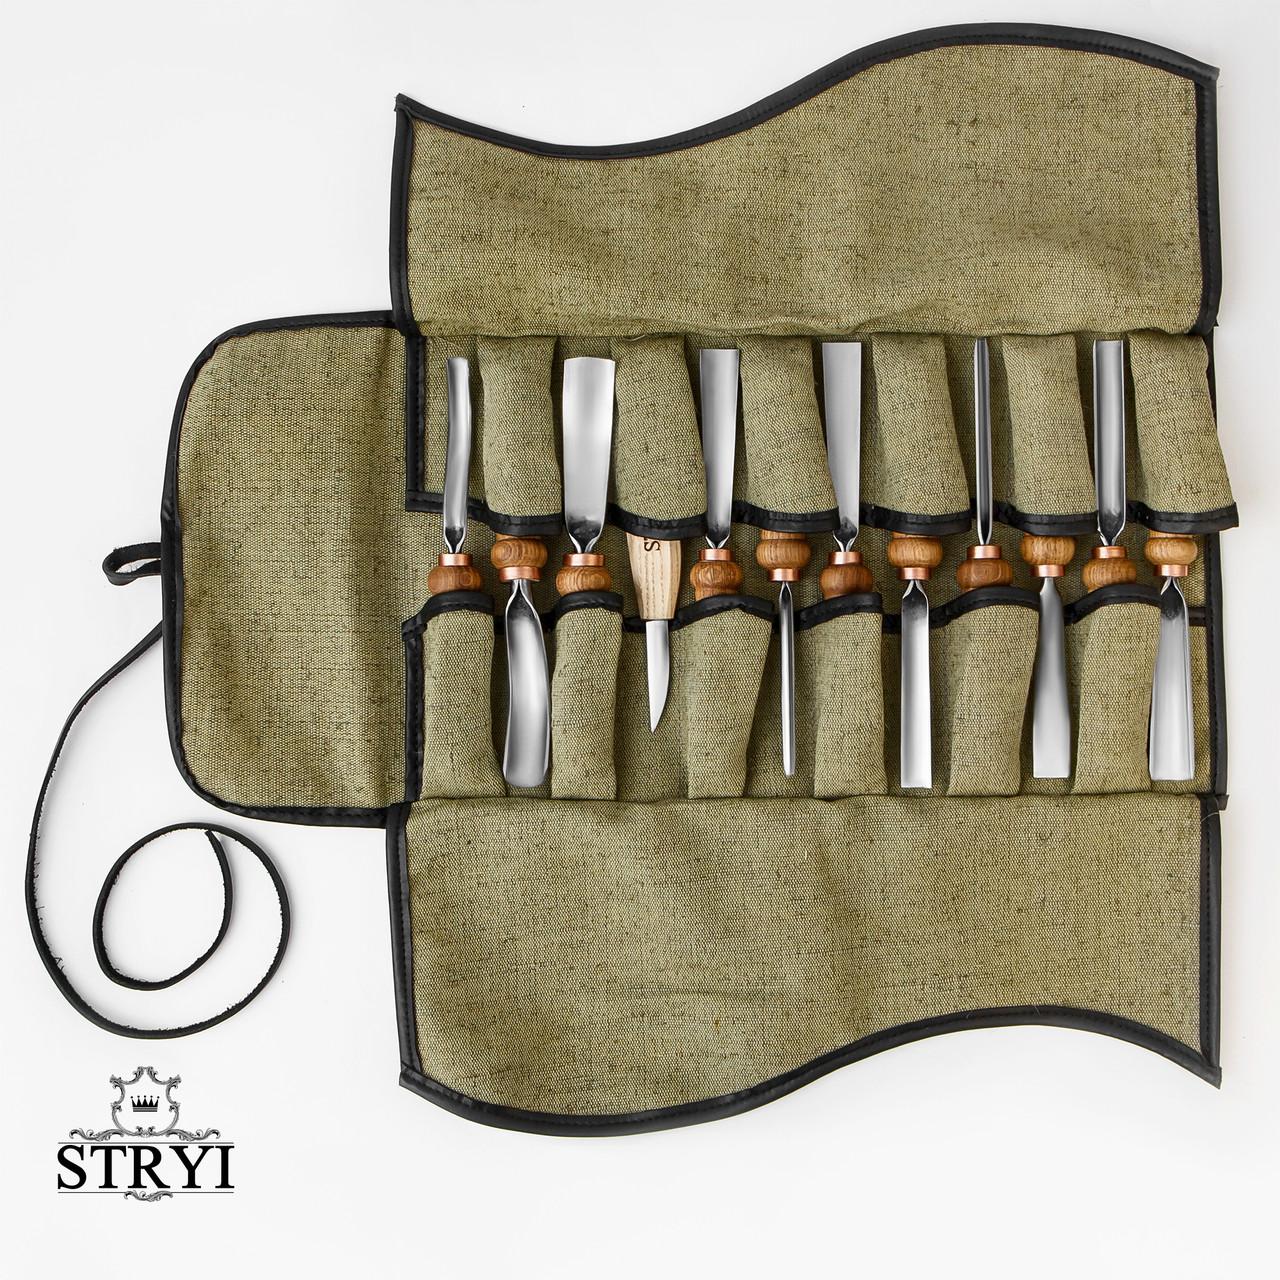 Набор инструментов для резьбы по дереву в чехле от производителя STRYI, 12 шт